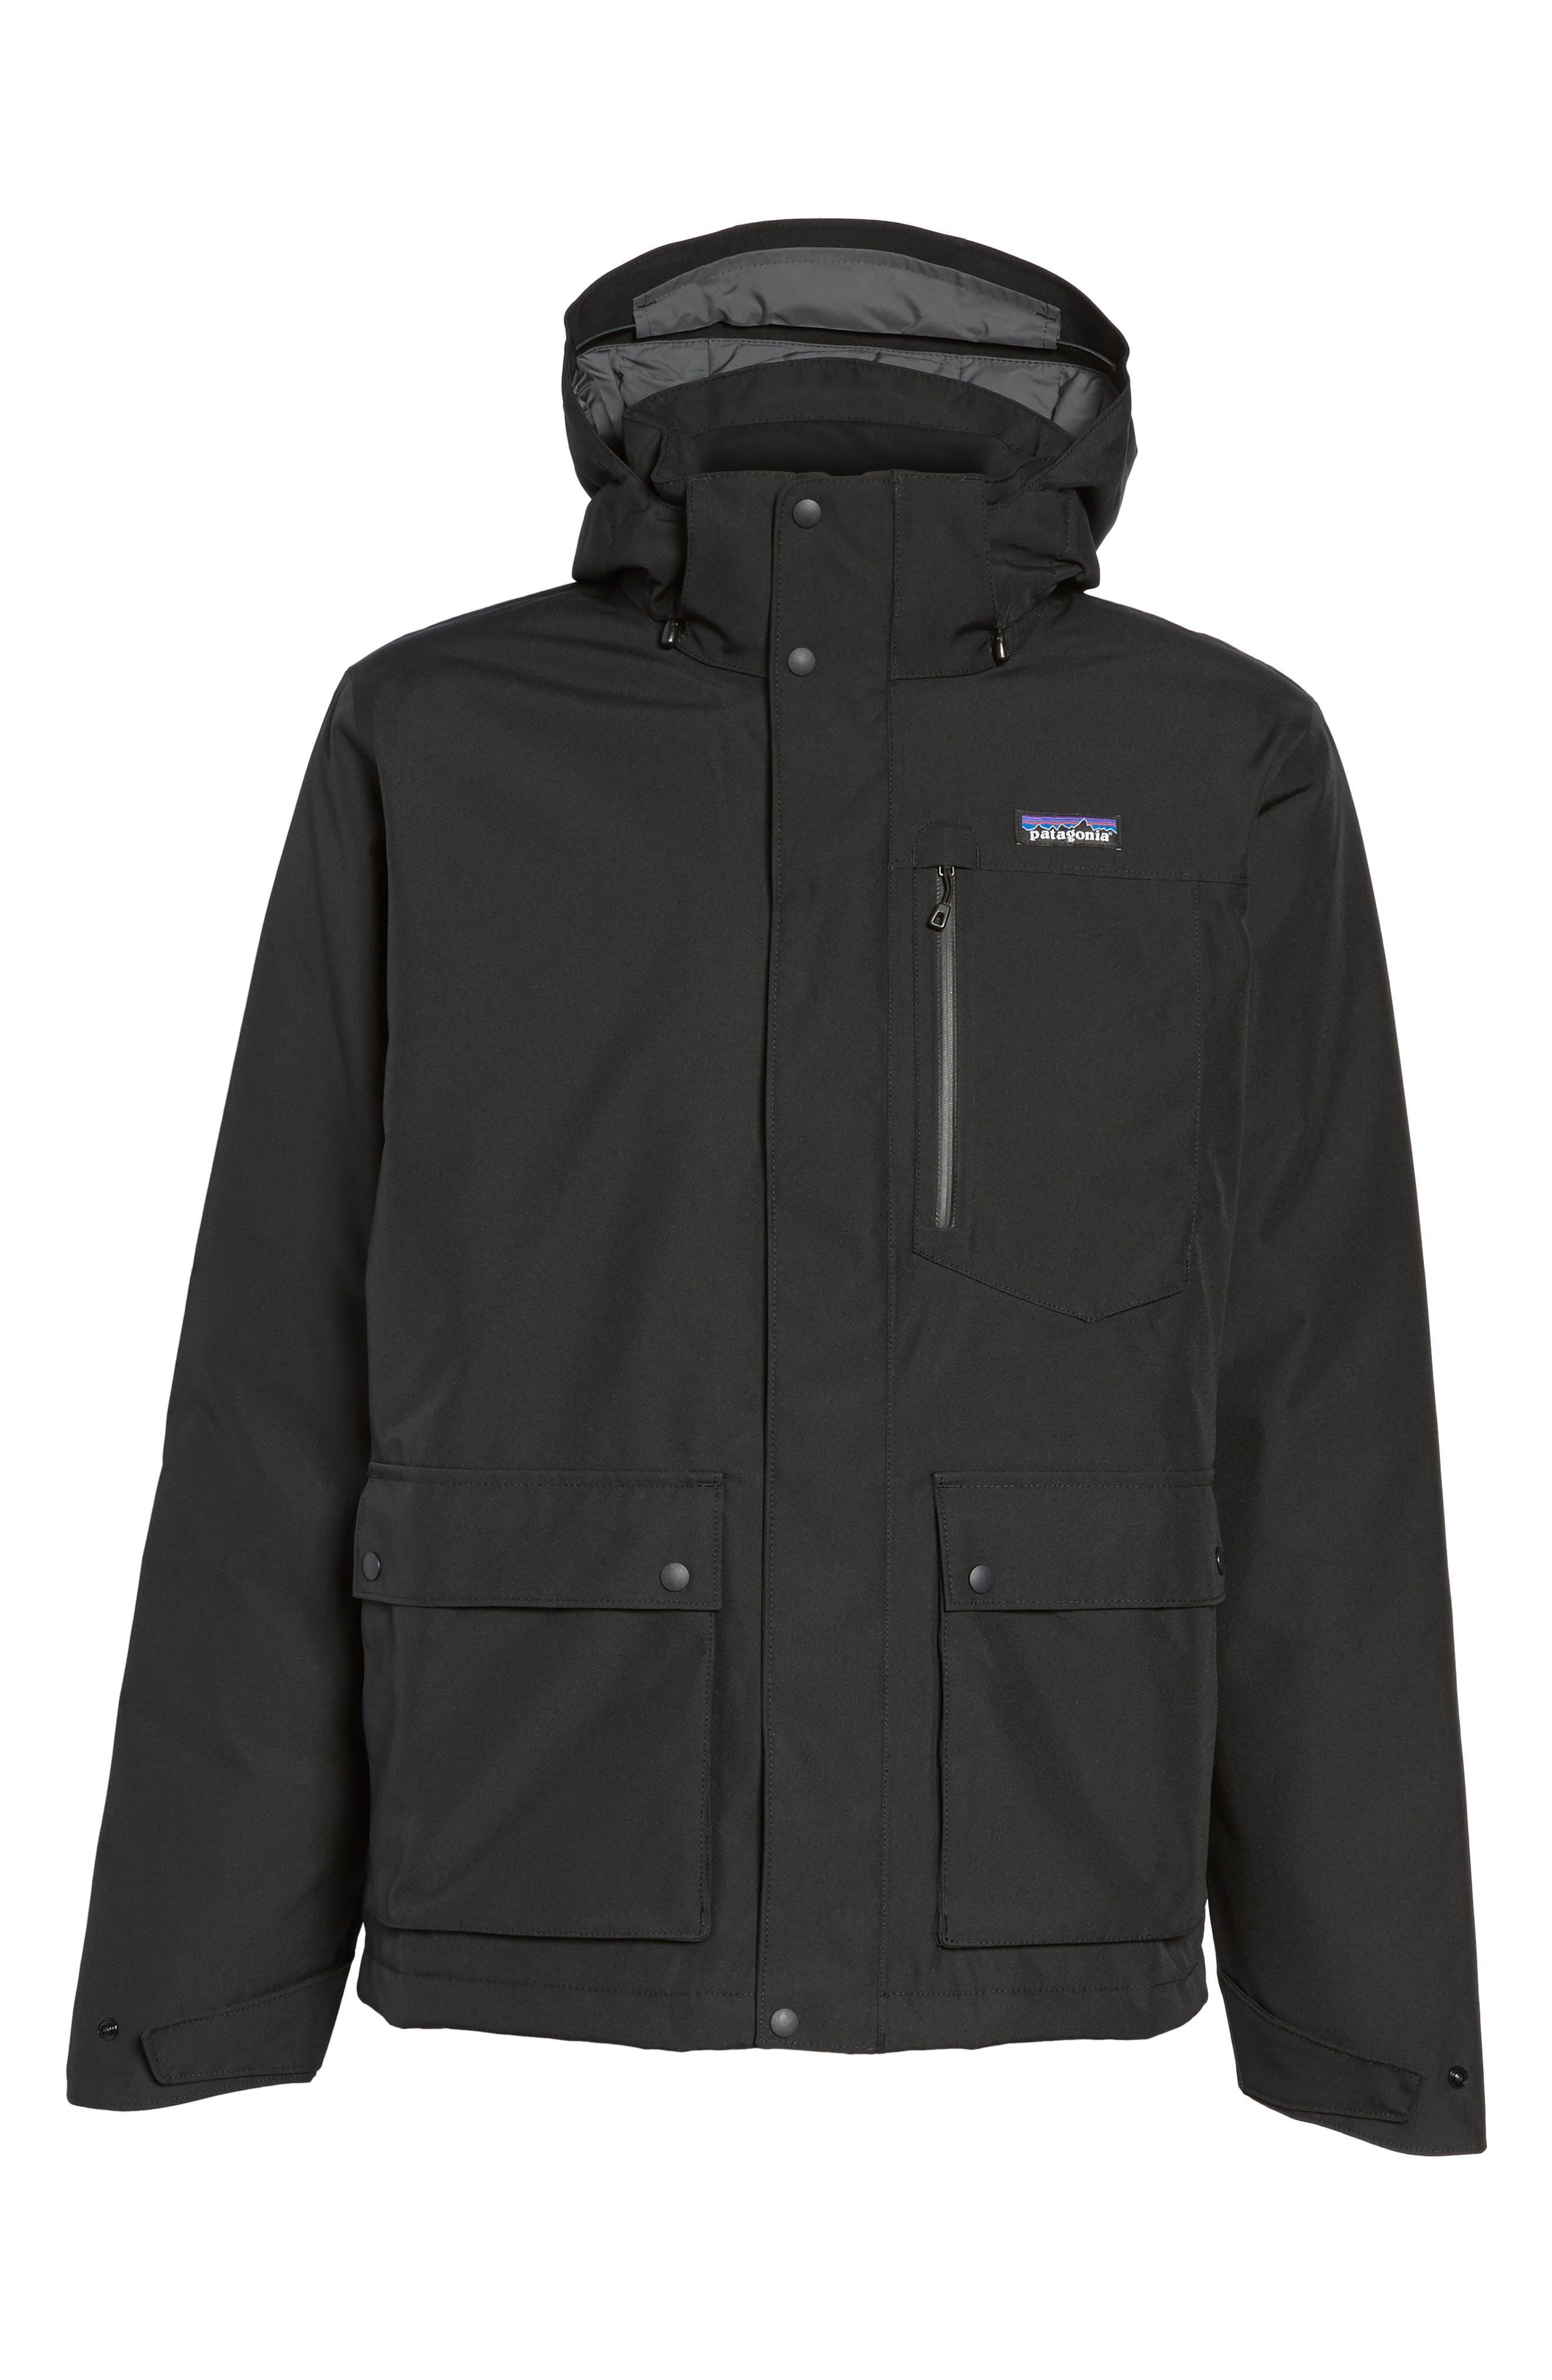 Topley Waterproof Down Jacket,                             Alternate thumbnail 6, color,                             Black